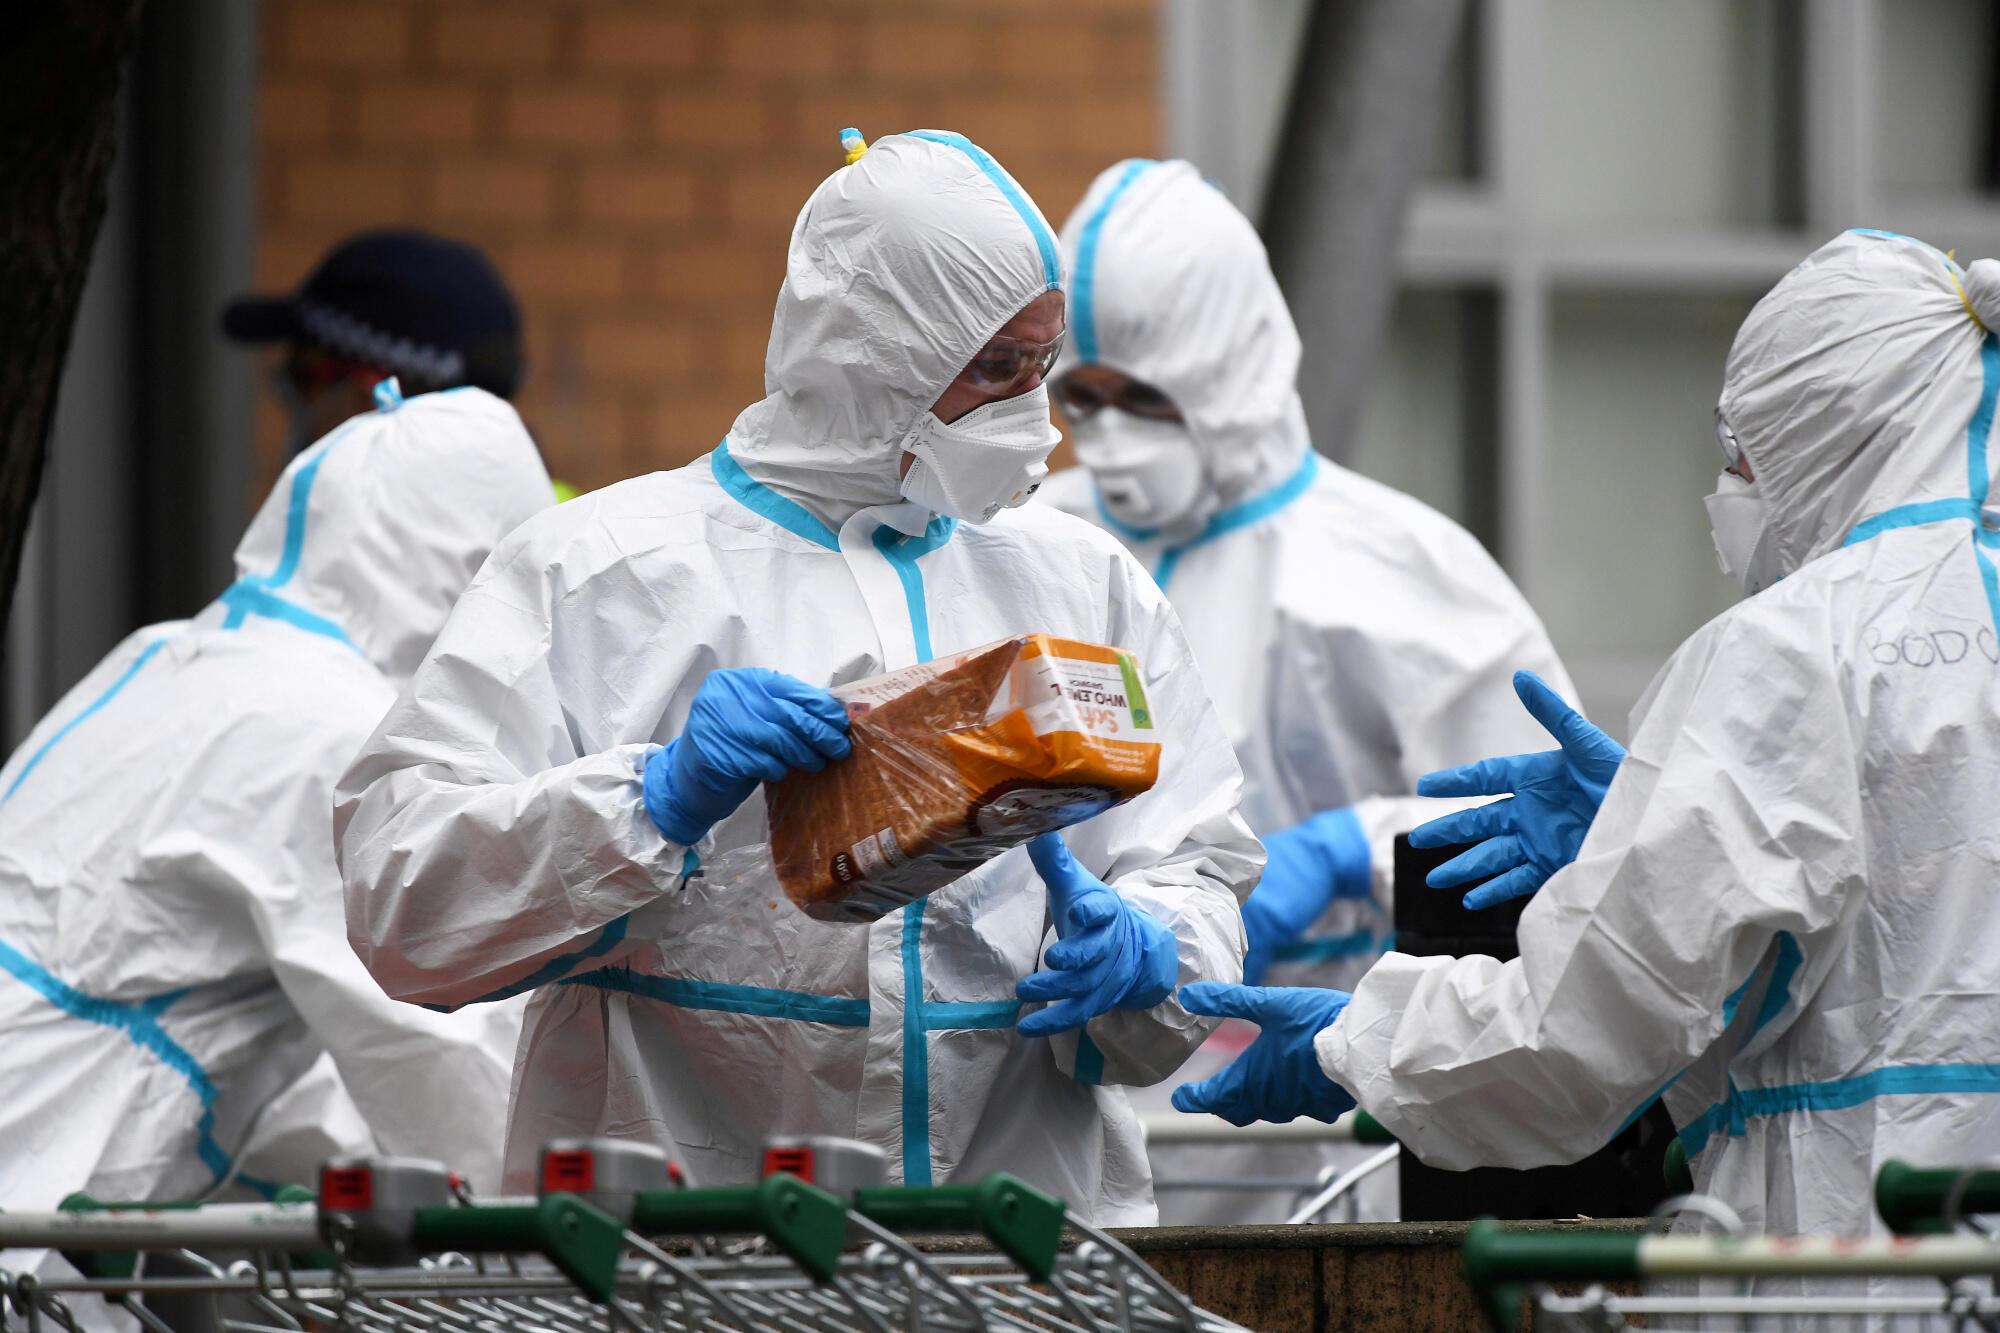 Los bomberos de Melbourne preparan una distribución de alimentos en un edificio confinadp el martes 7 de julio de 2020.